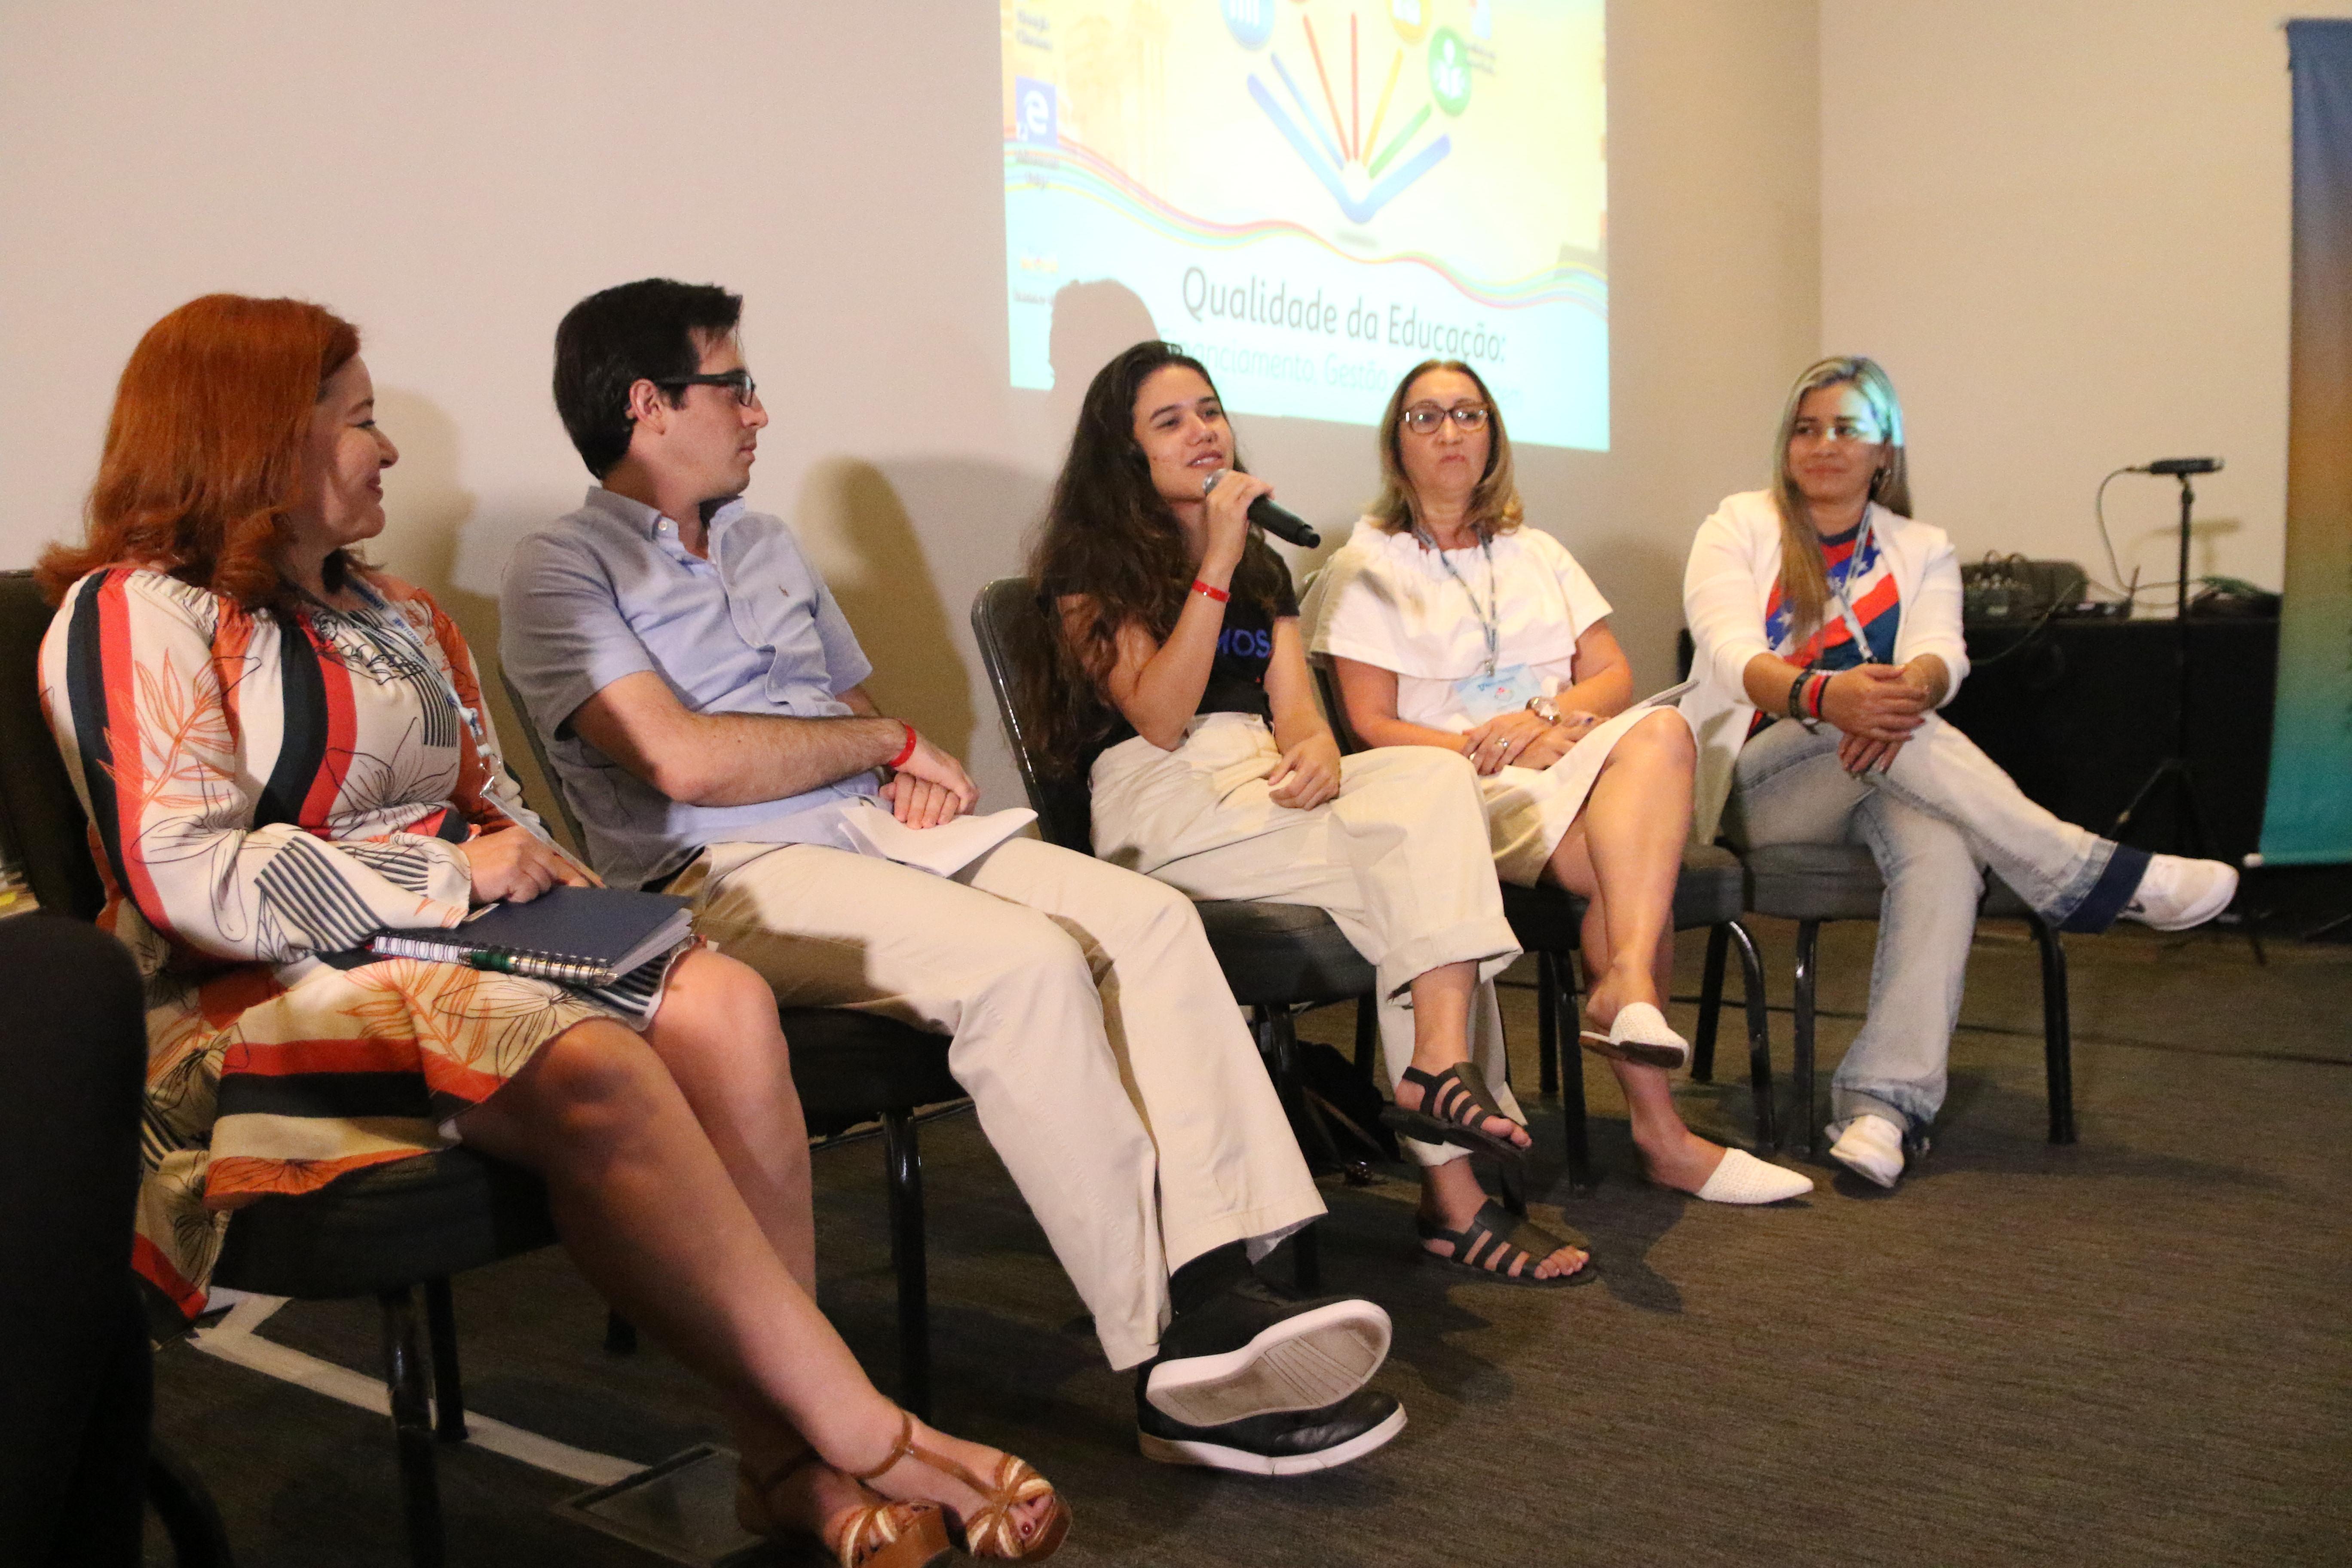 Articulação entre diferentes atores gera transformação na educação de Manaus